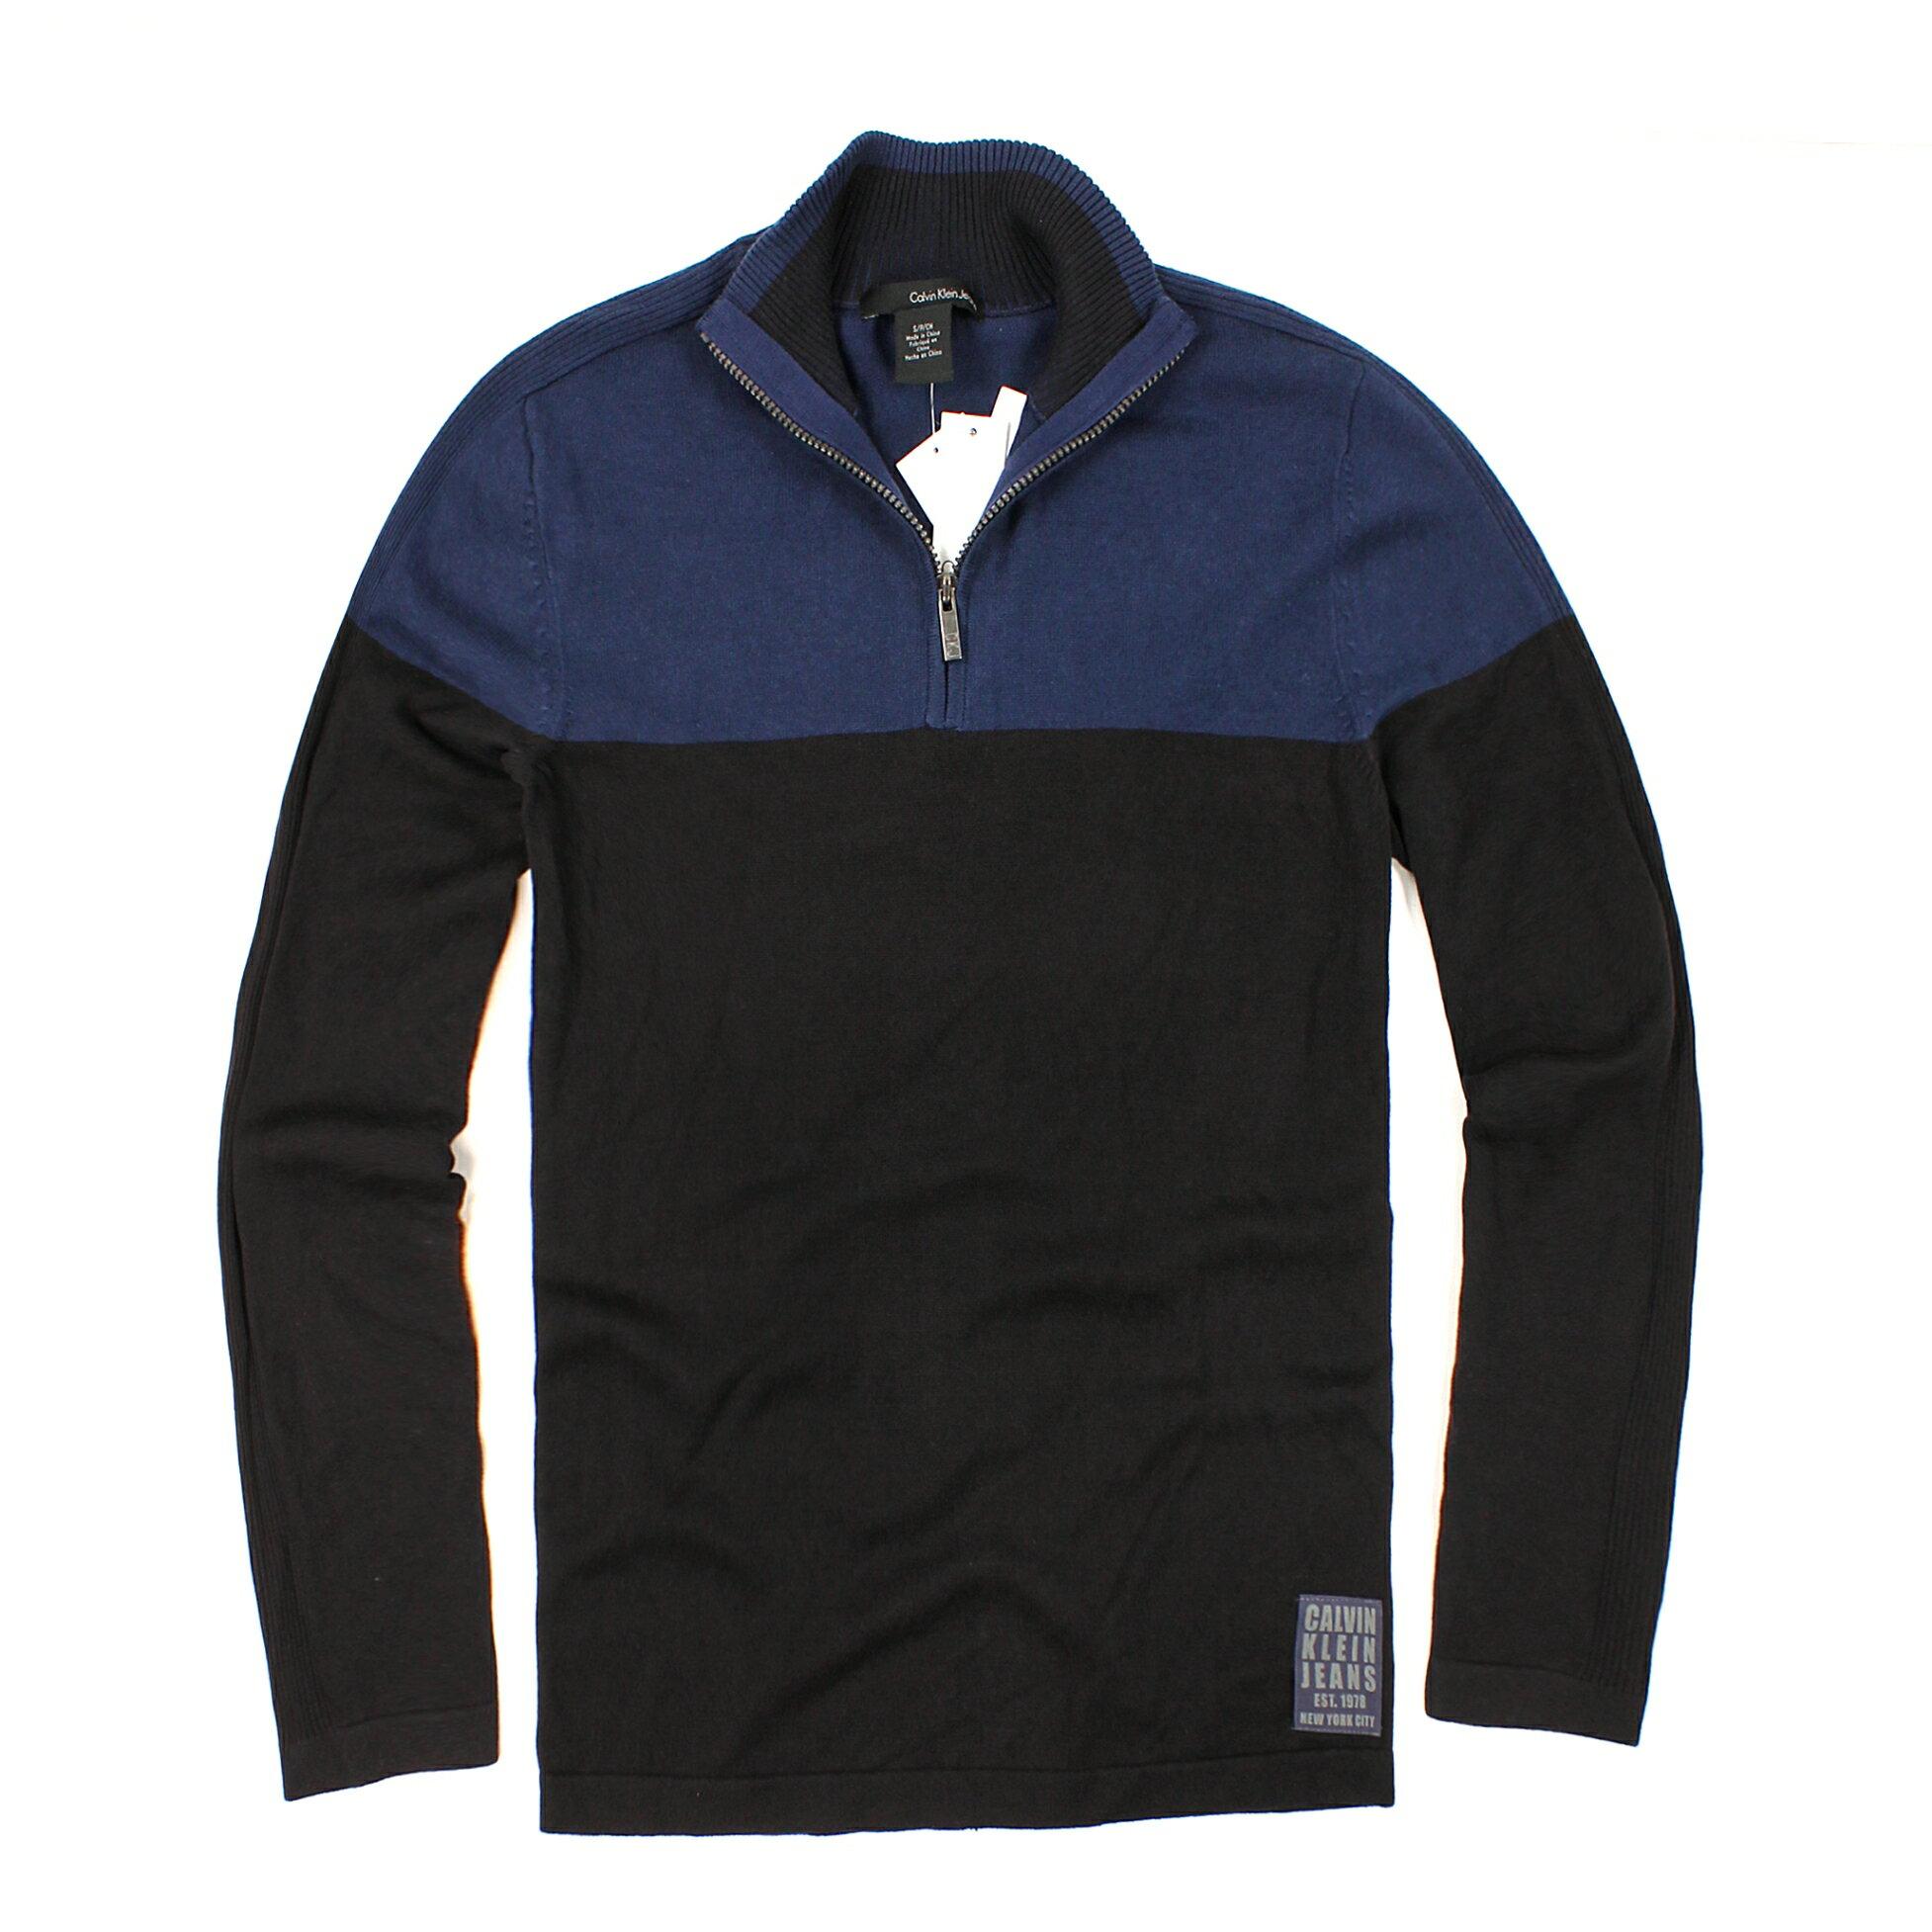 美國百分百【全新真品】Calvin Klein 針織衫 CK 線衫 棉質毛衣 藍 黑 半拉 立領 保暖 彈性 男 M號 B524